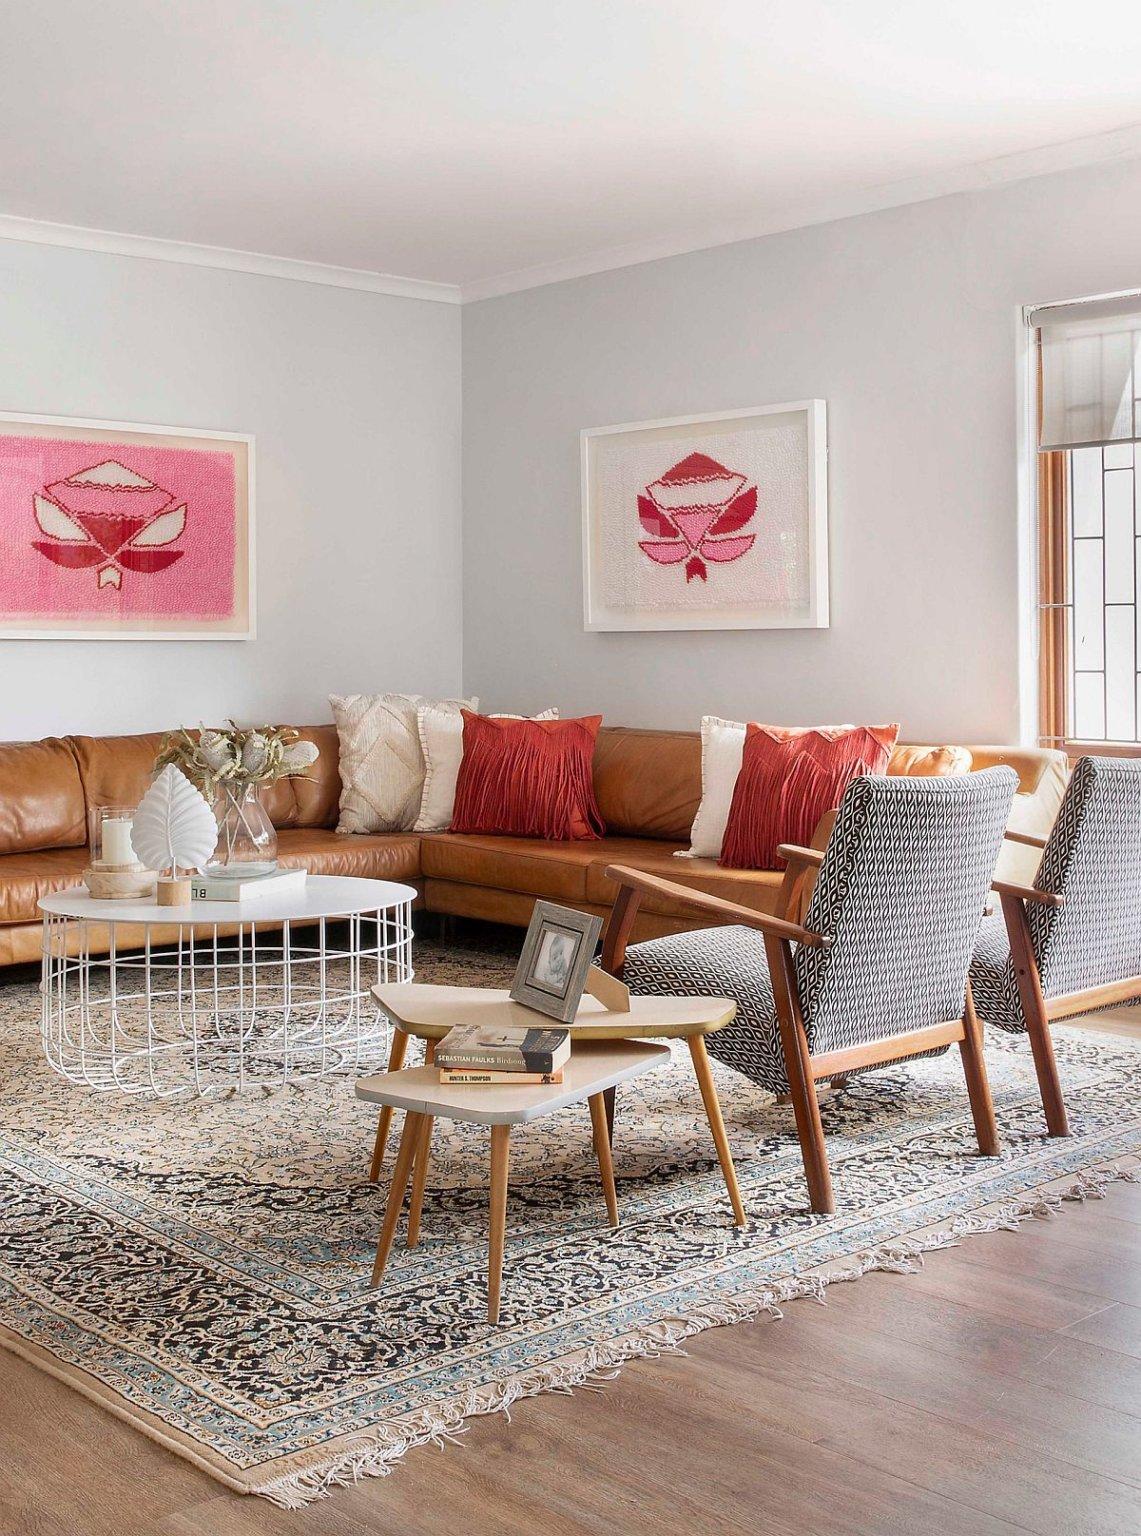 Hình ảnh phòng khách hiện đại với điểm nhấn là gối tựa màu cam